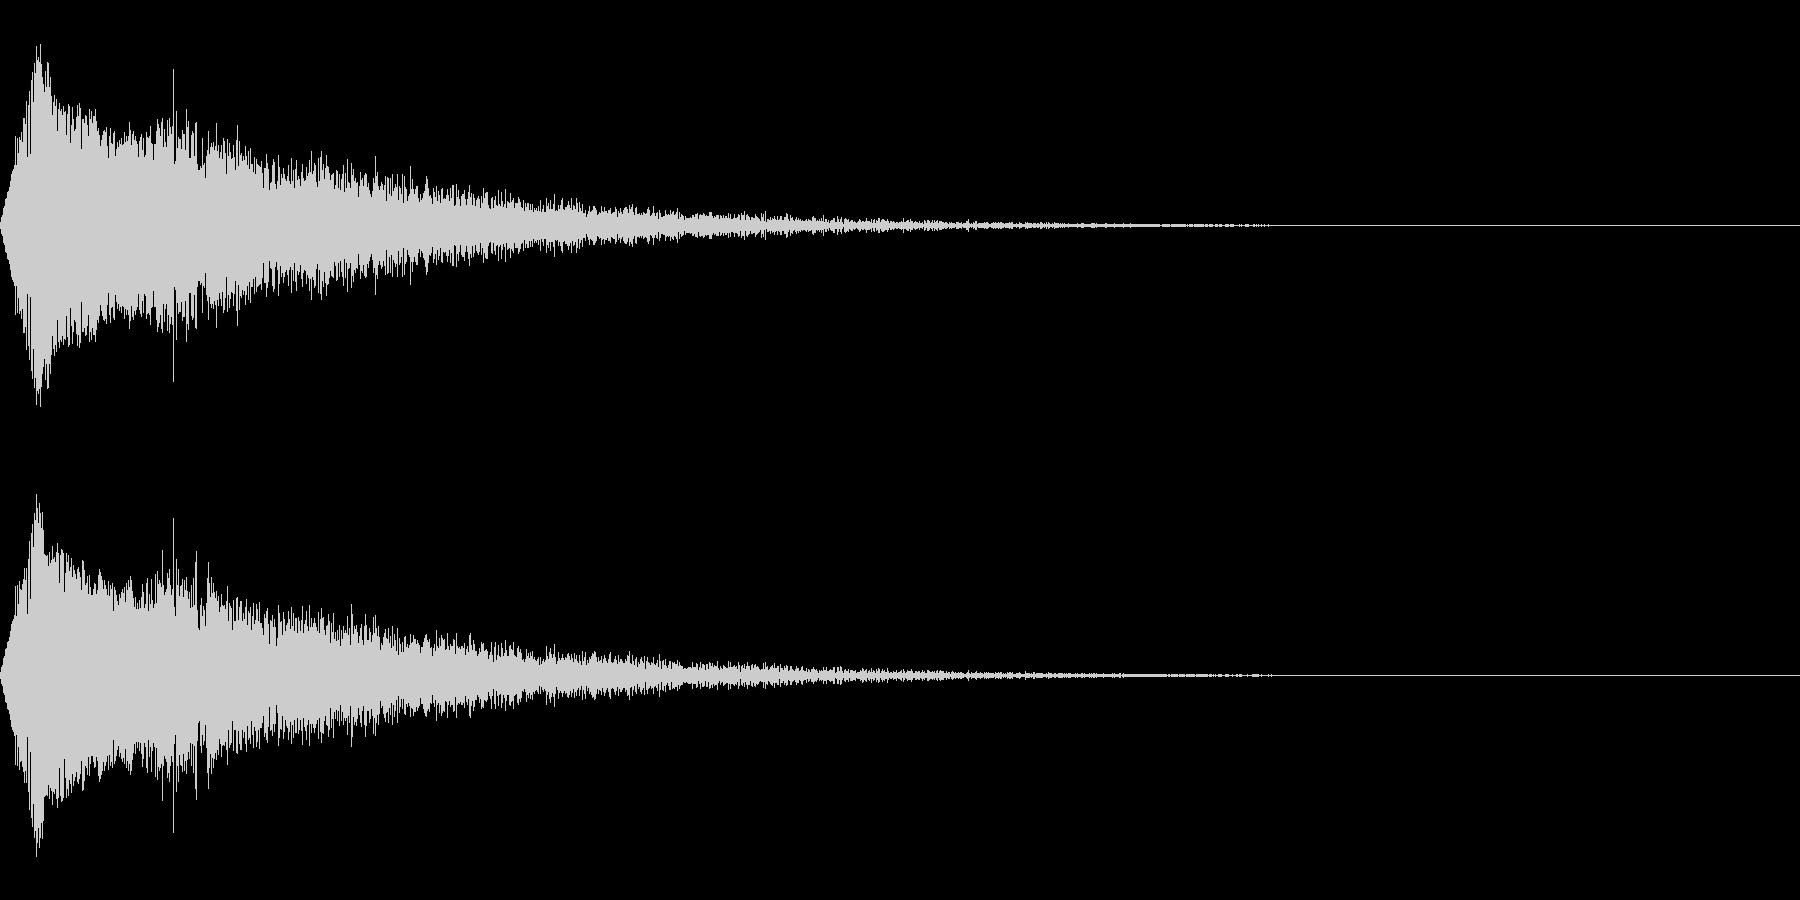 場面転換/キラキラ/流れ星/映像・動画の未再生の波形